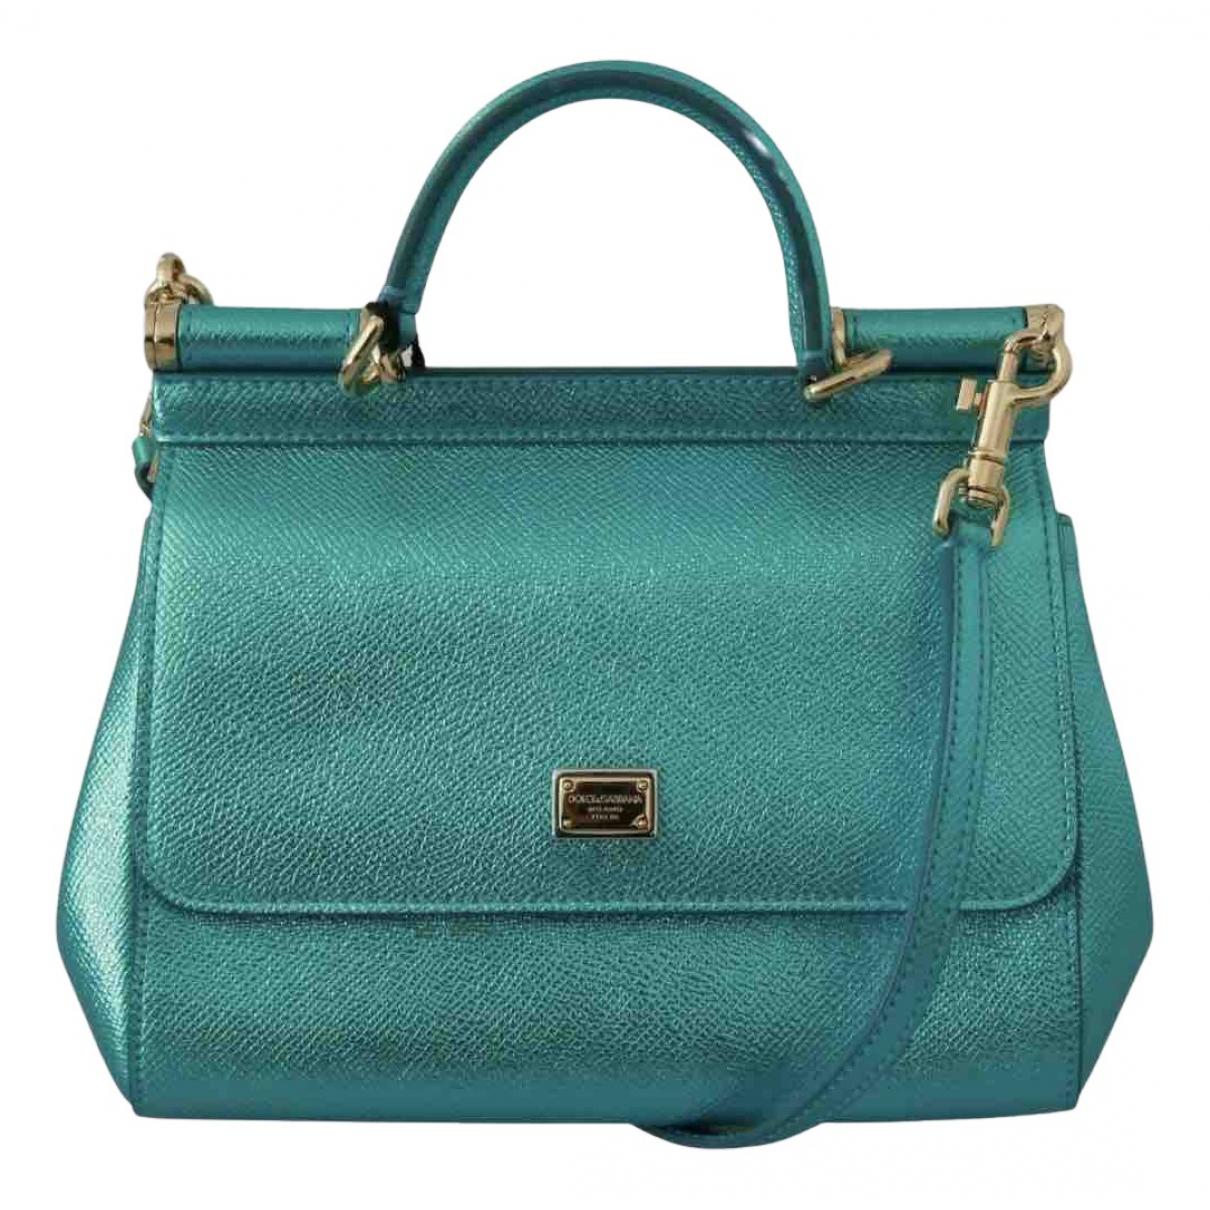 Dolce & Gabbana Sicily Handtasche in  Tuerkis Leder